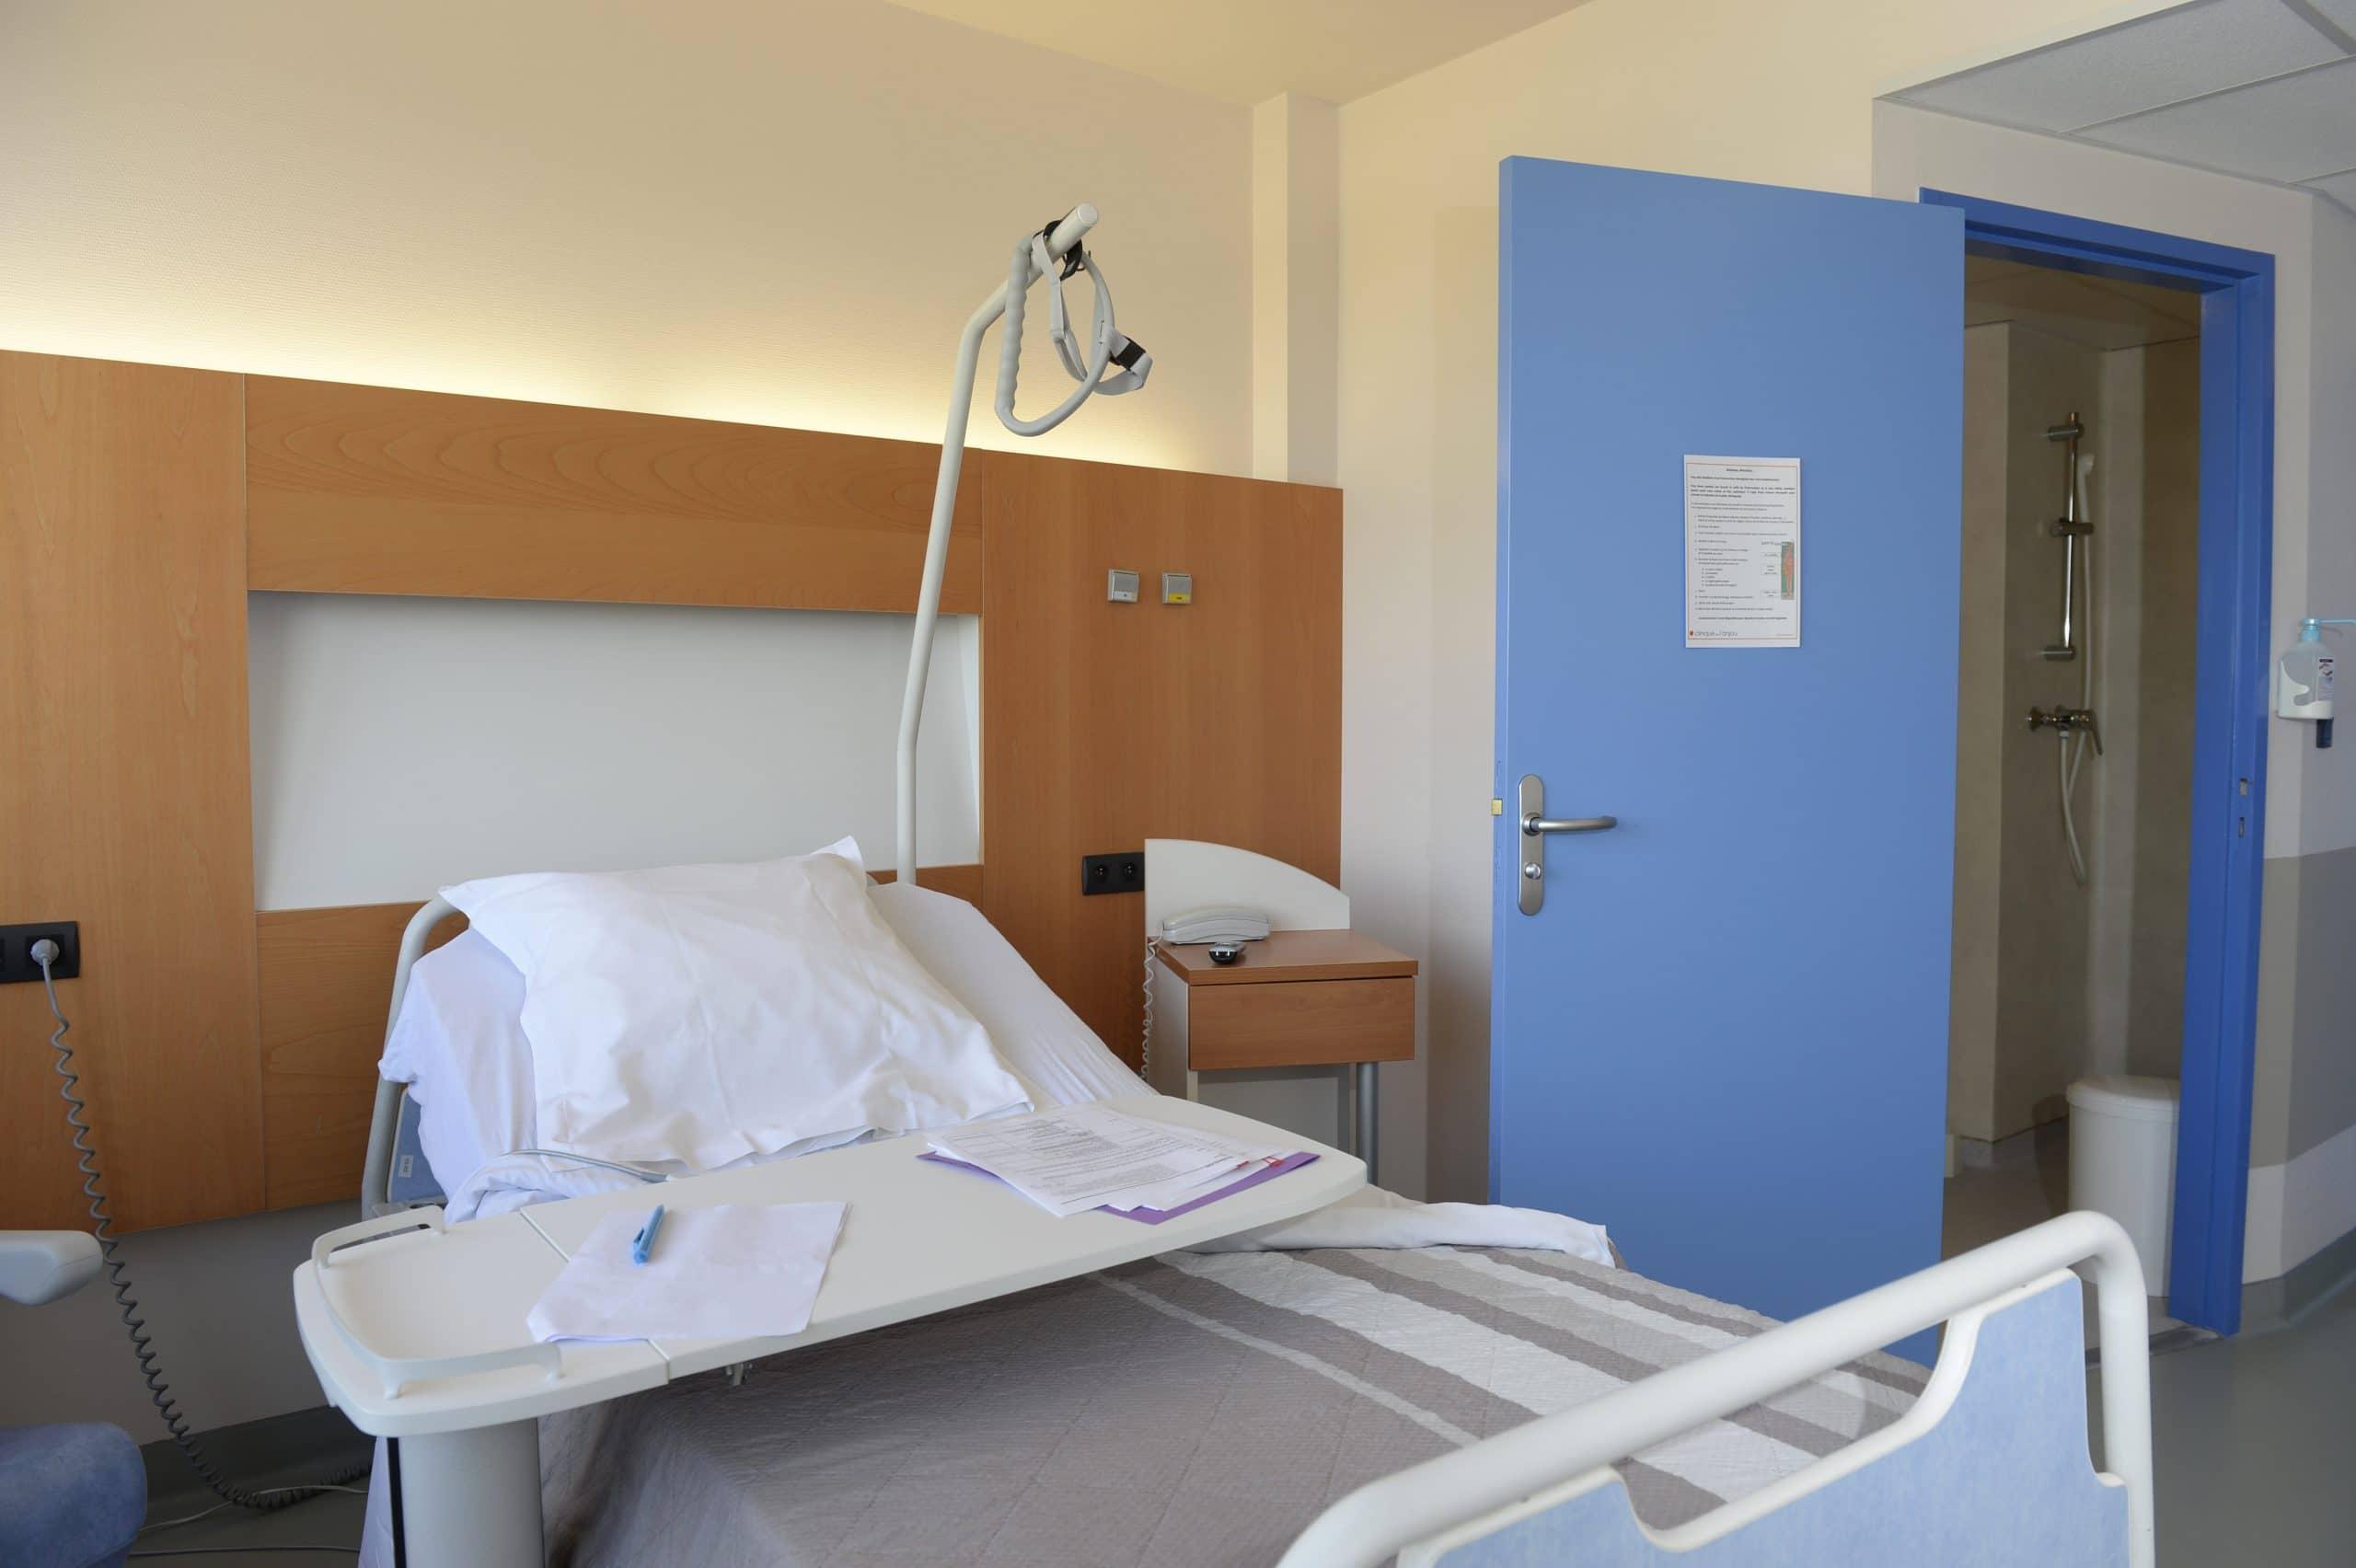 Les prestations de la clinique clinique anjou - Numero de telephone de la chambre des commerces ...